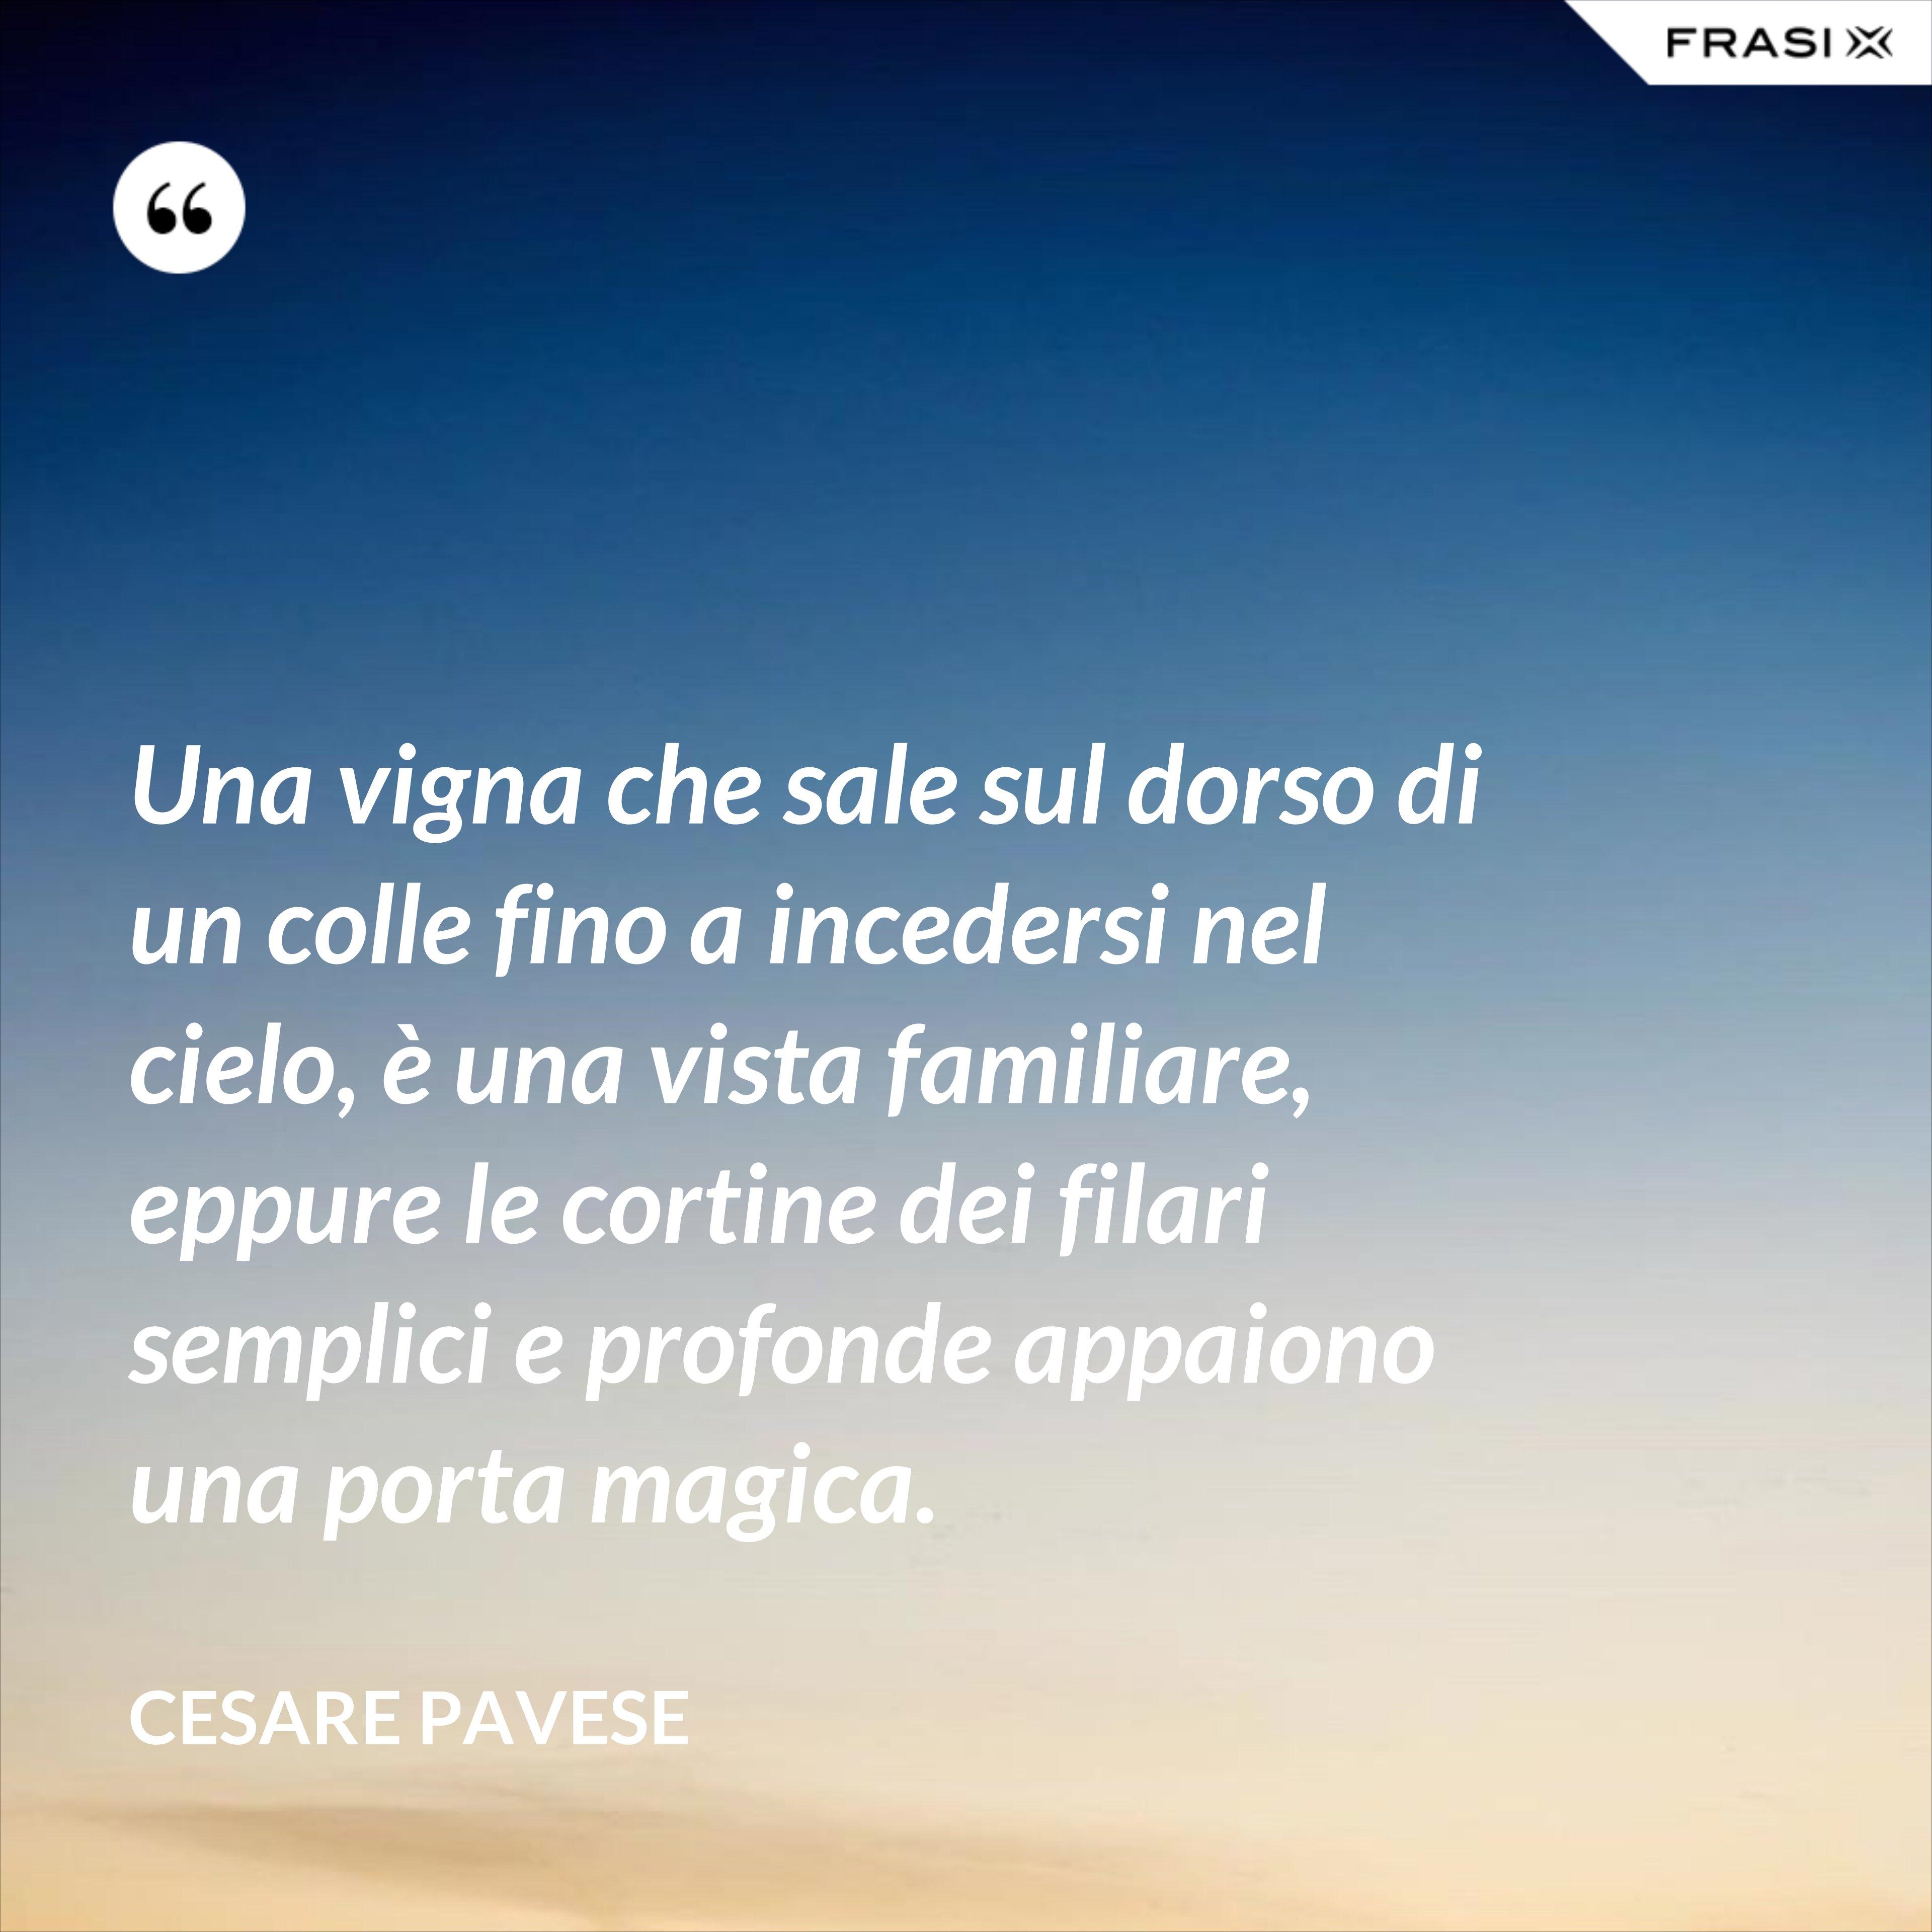 Una vigna che sale sul dorso di un colle fino a incedersi nel cielo, è una vista familiare, eppure le cortine dei filari semplici e profonde appaiono una porta magica. - Cesare Pavese